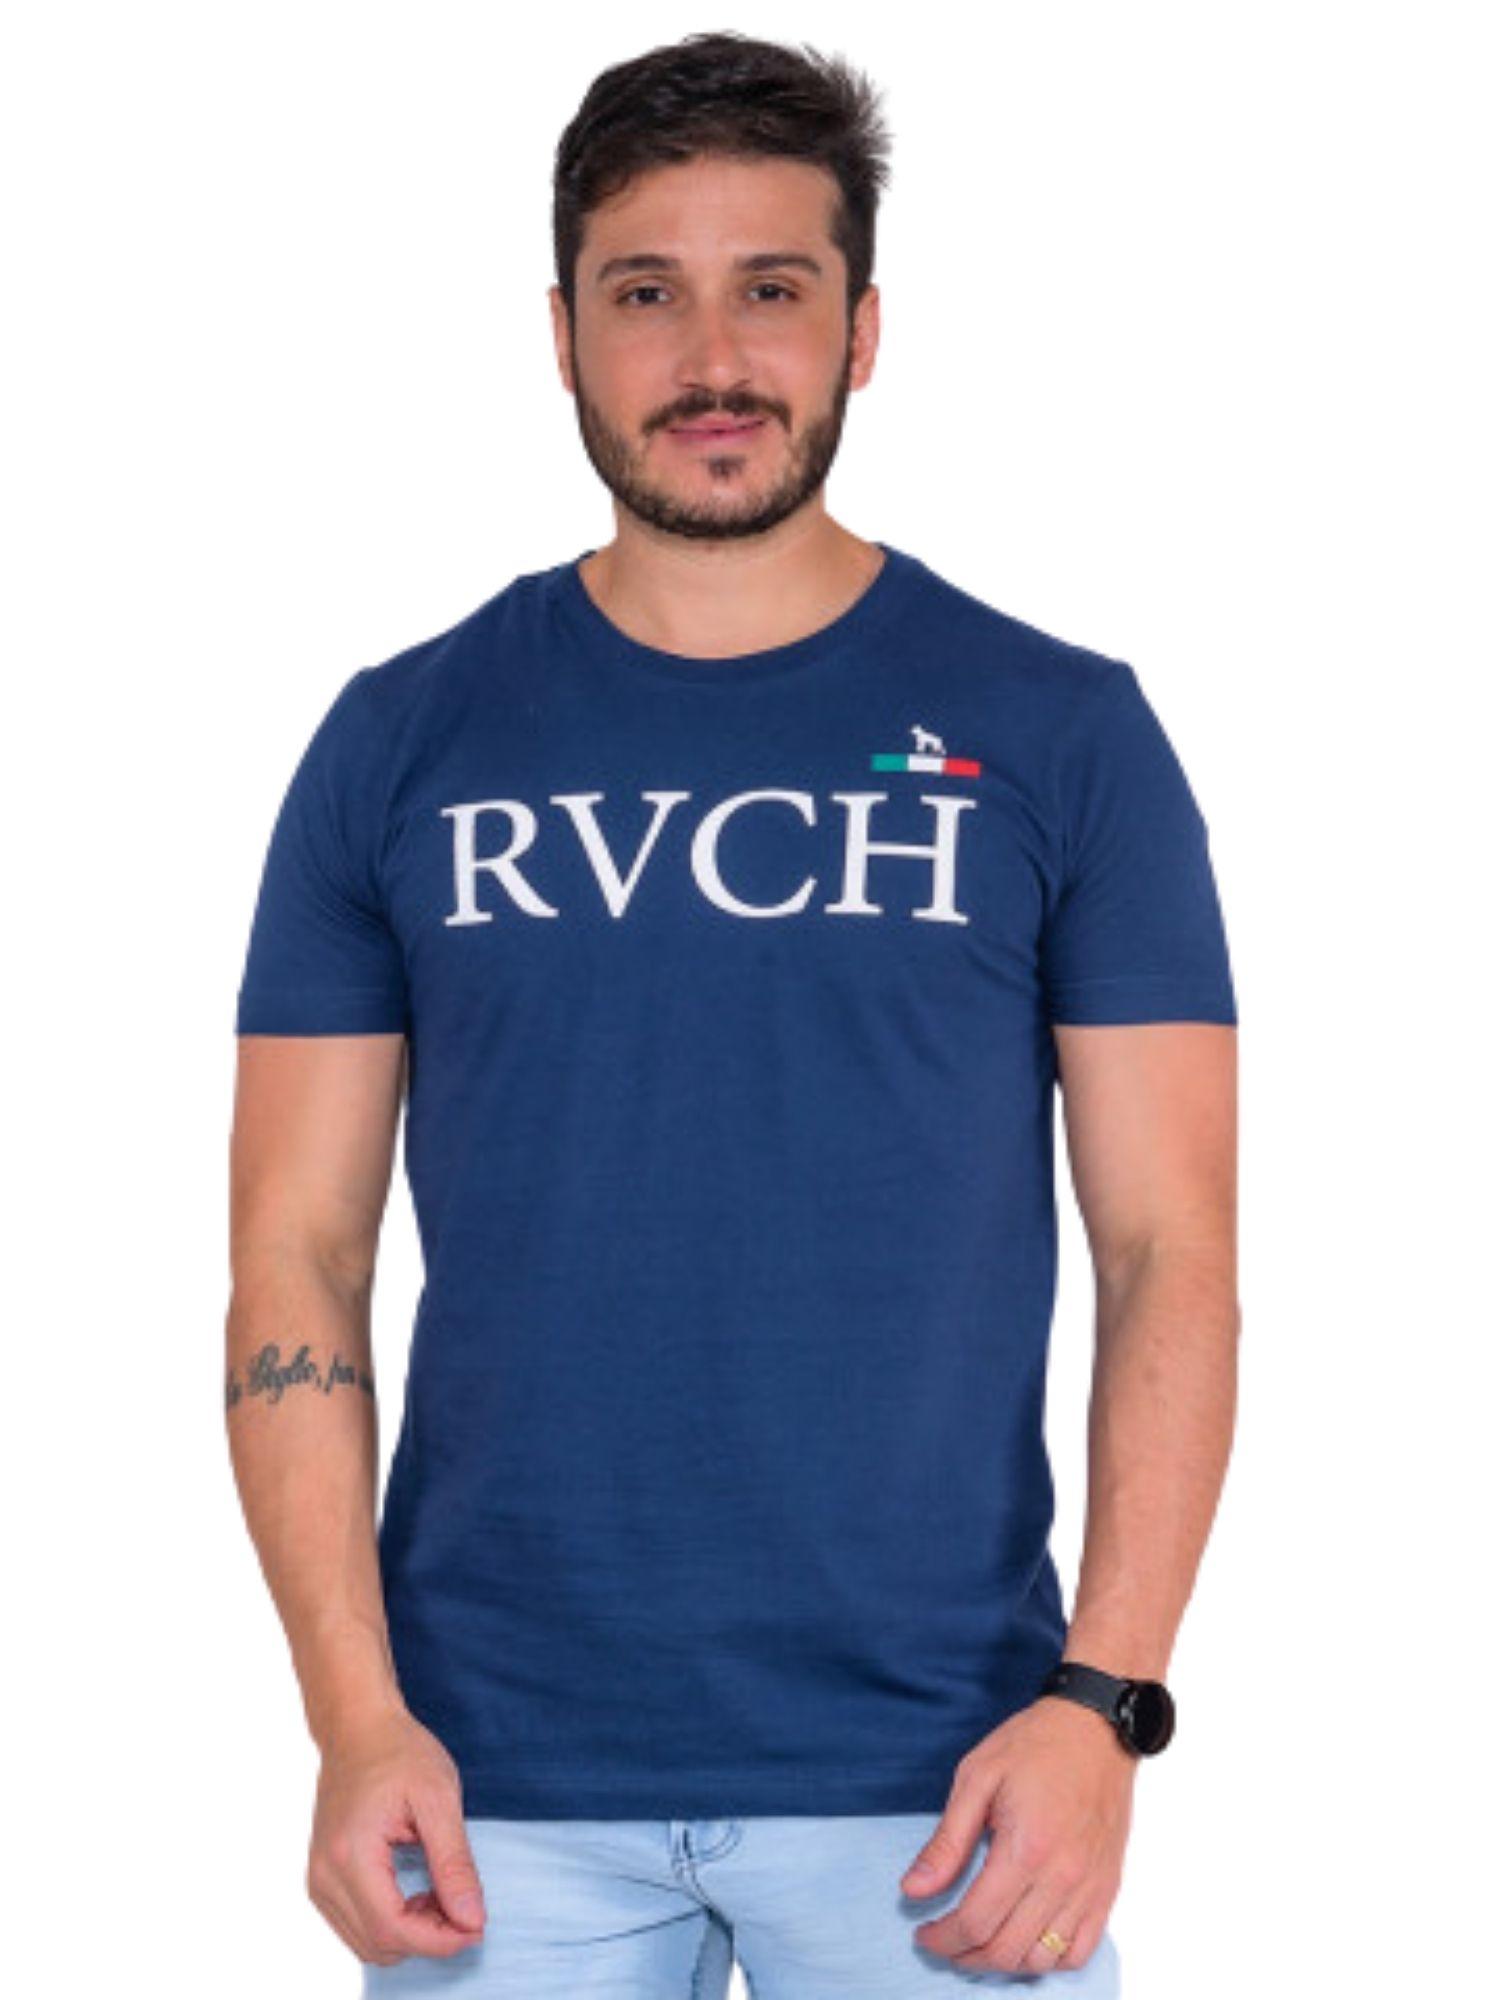 Camiseta Estampa Rvch Revanche  113528